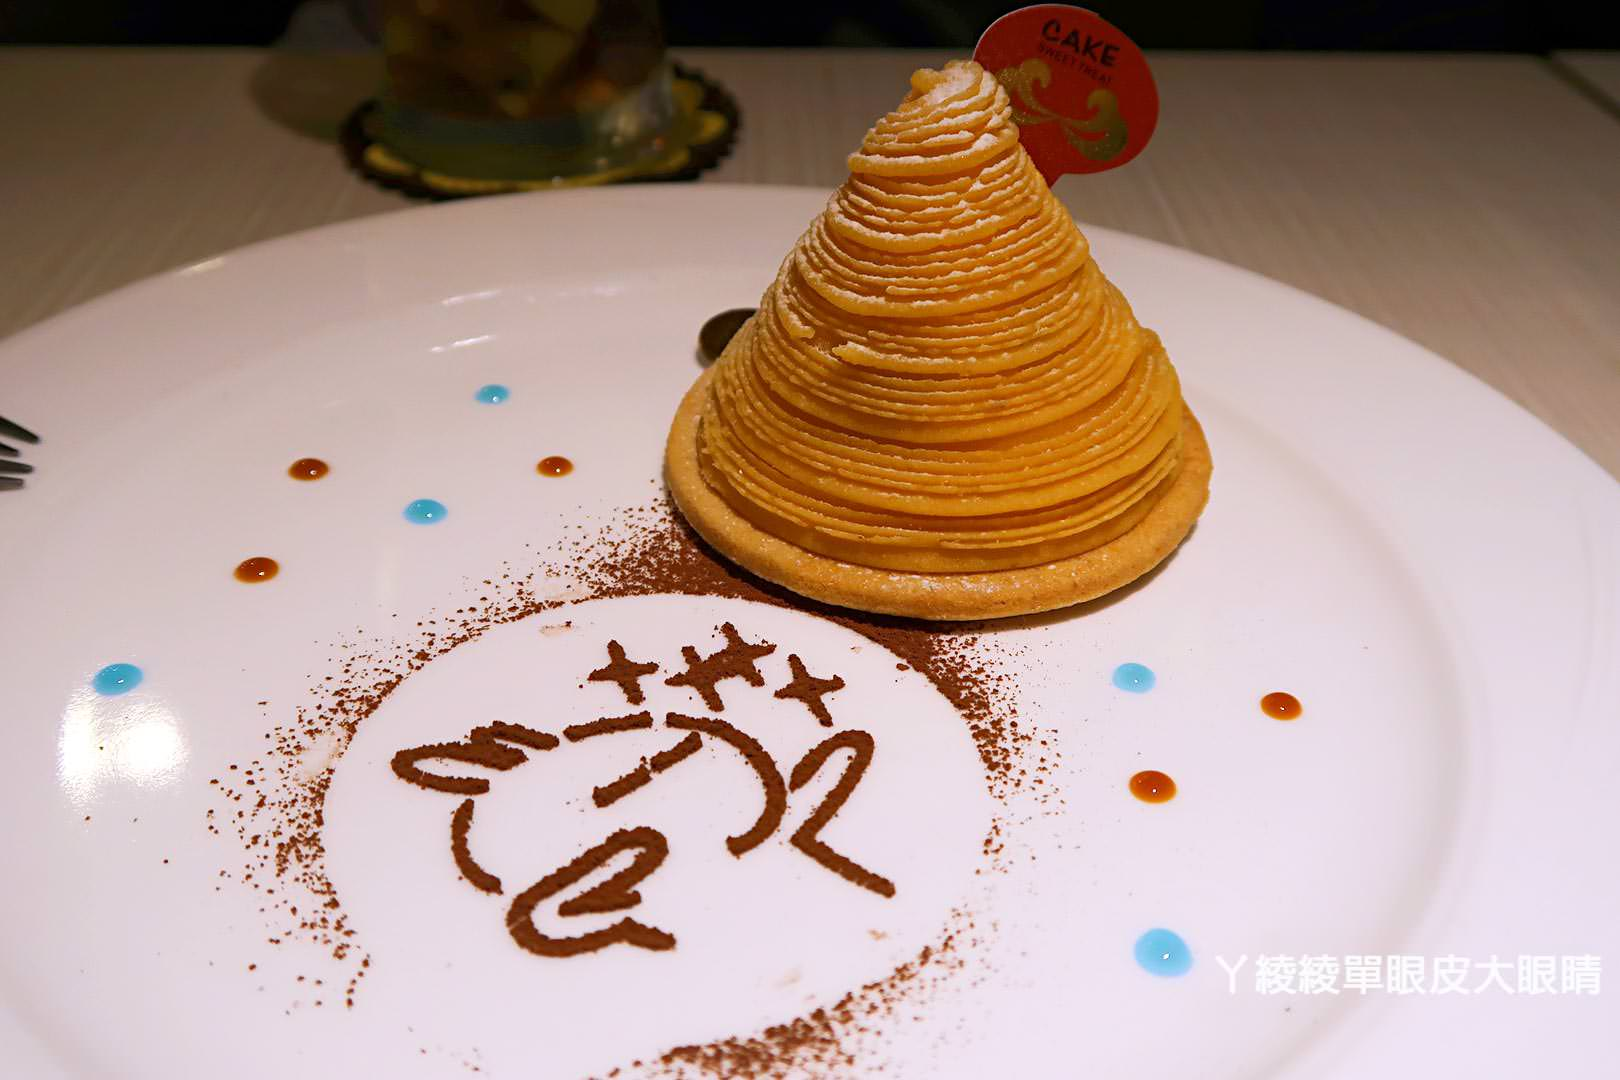 新竹法朵廚房Fardo!隱藏版日系雜貨風的寵物友善餐廳,早午餐|下午茶|燉飯|義大利麵